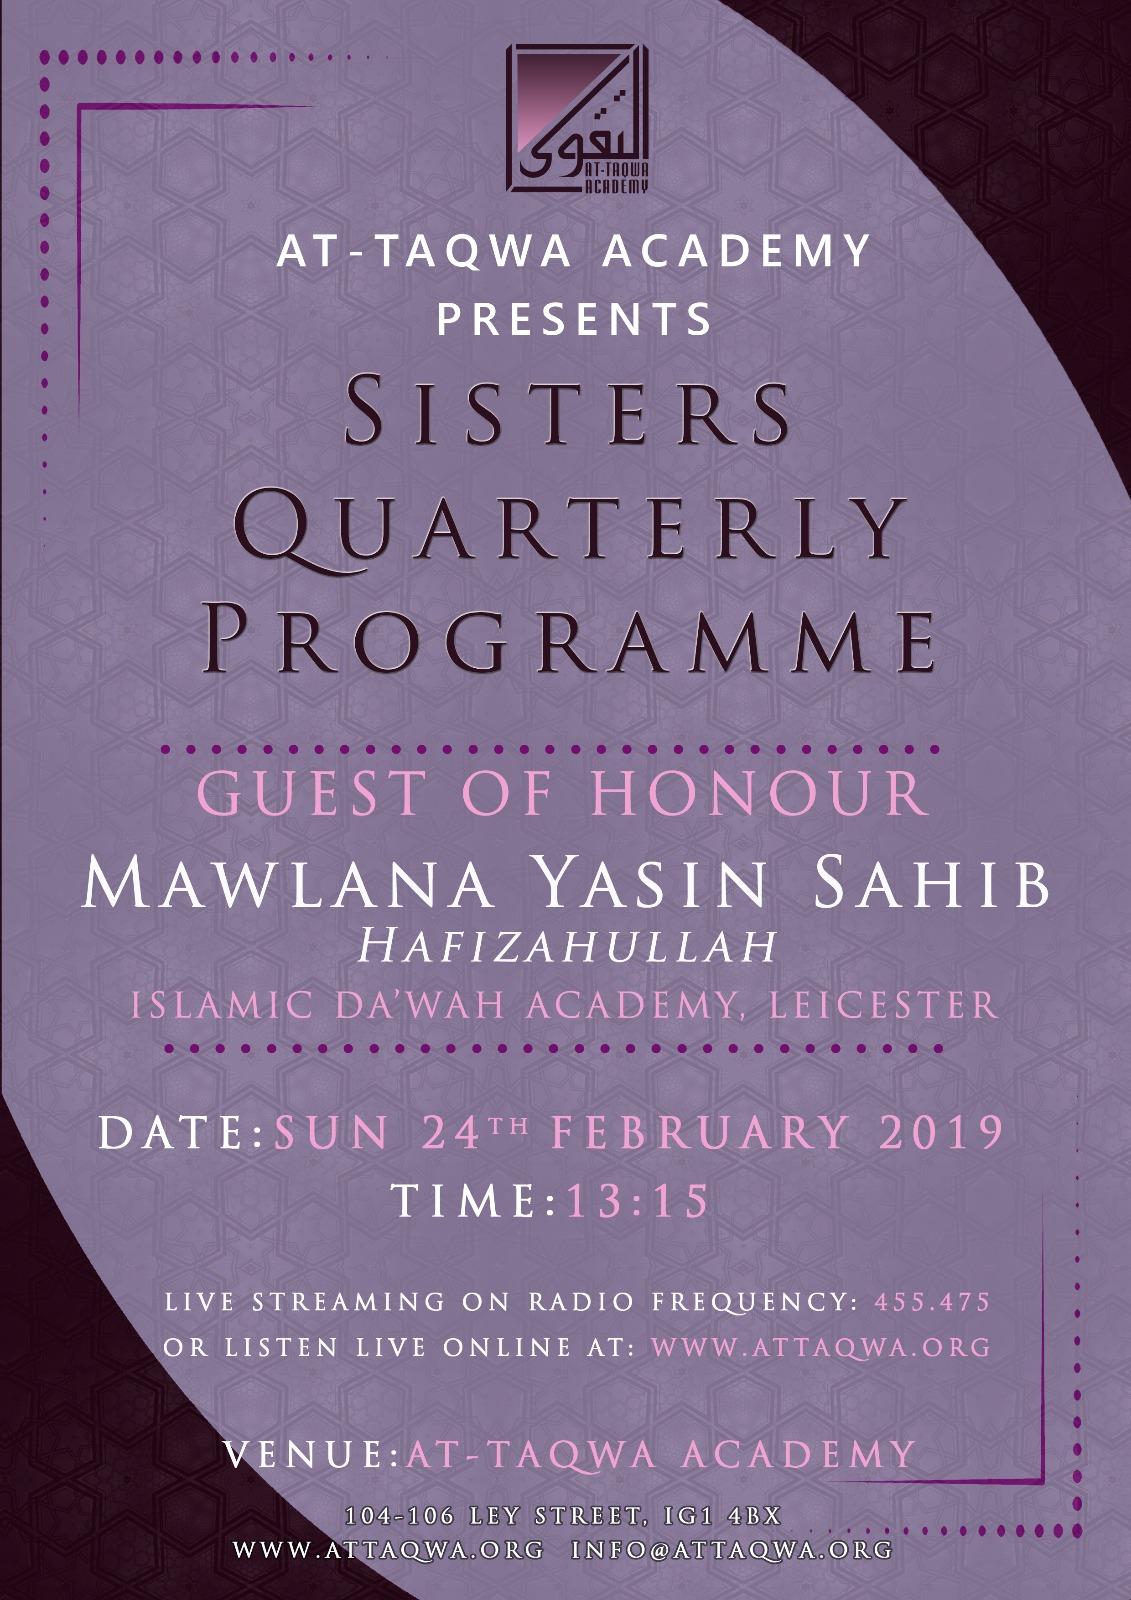 Sisters Quartlerly Programme at AT-Taqwa